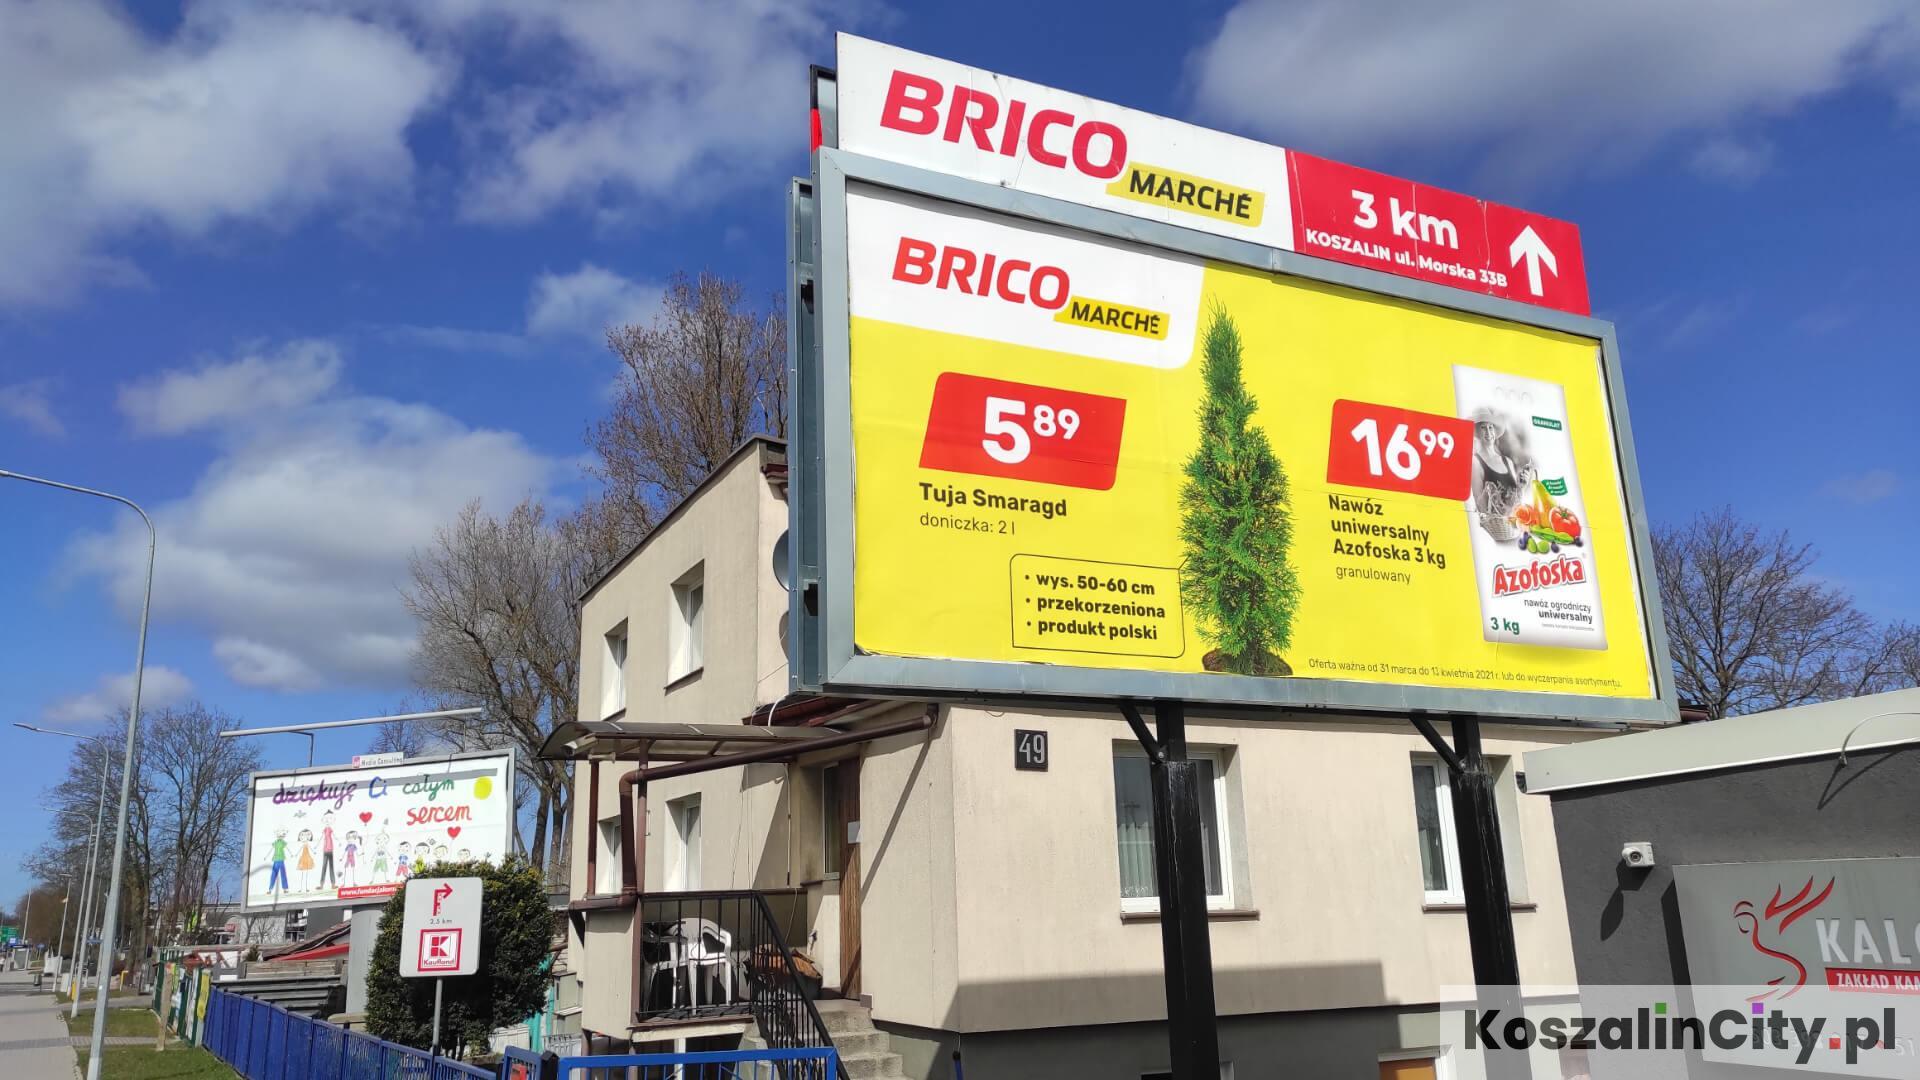 Reklama przy ulicy w Koszalinie